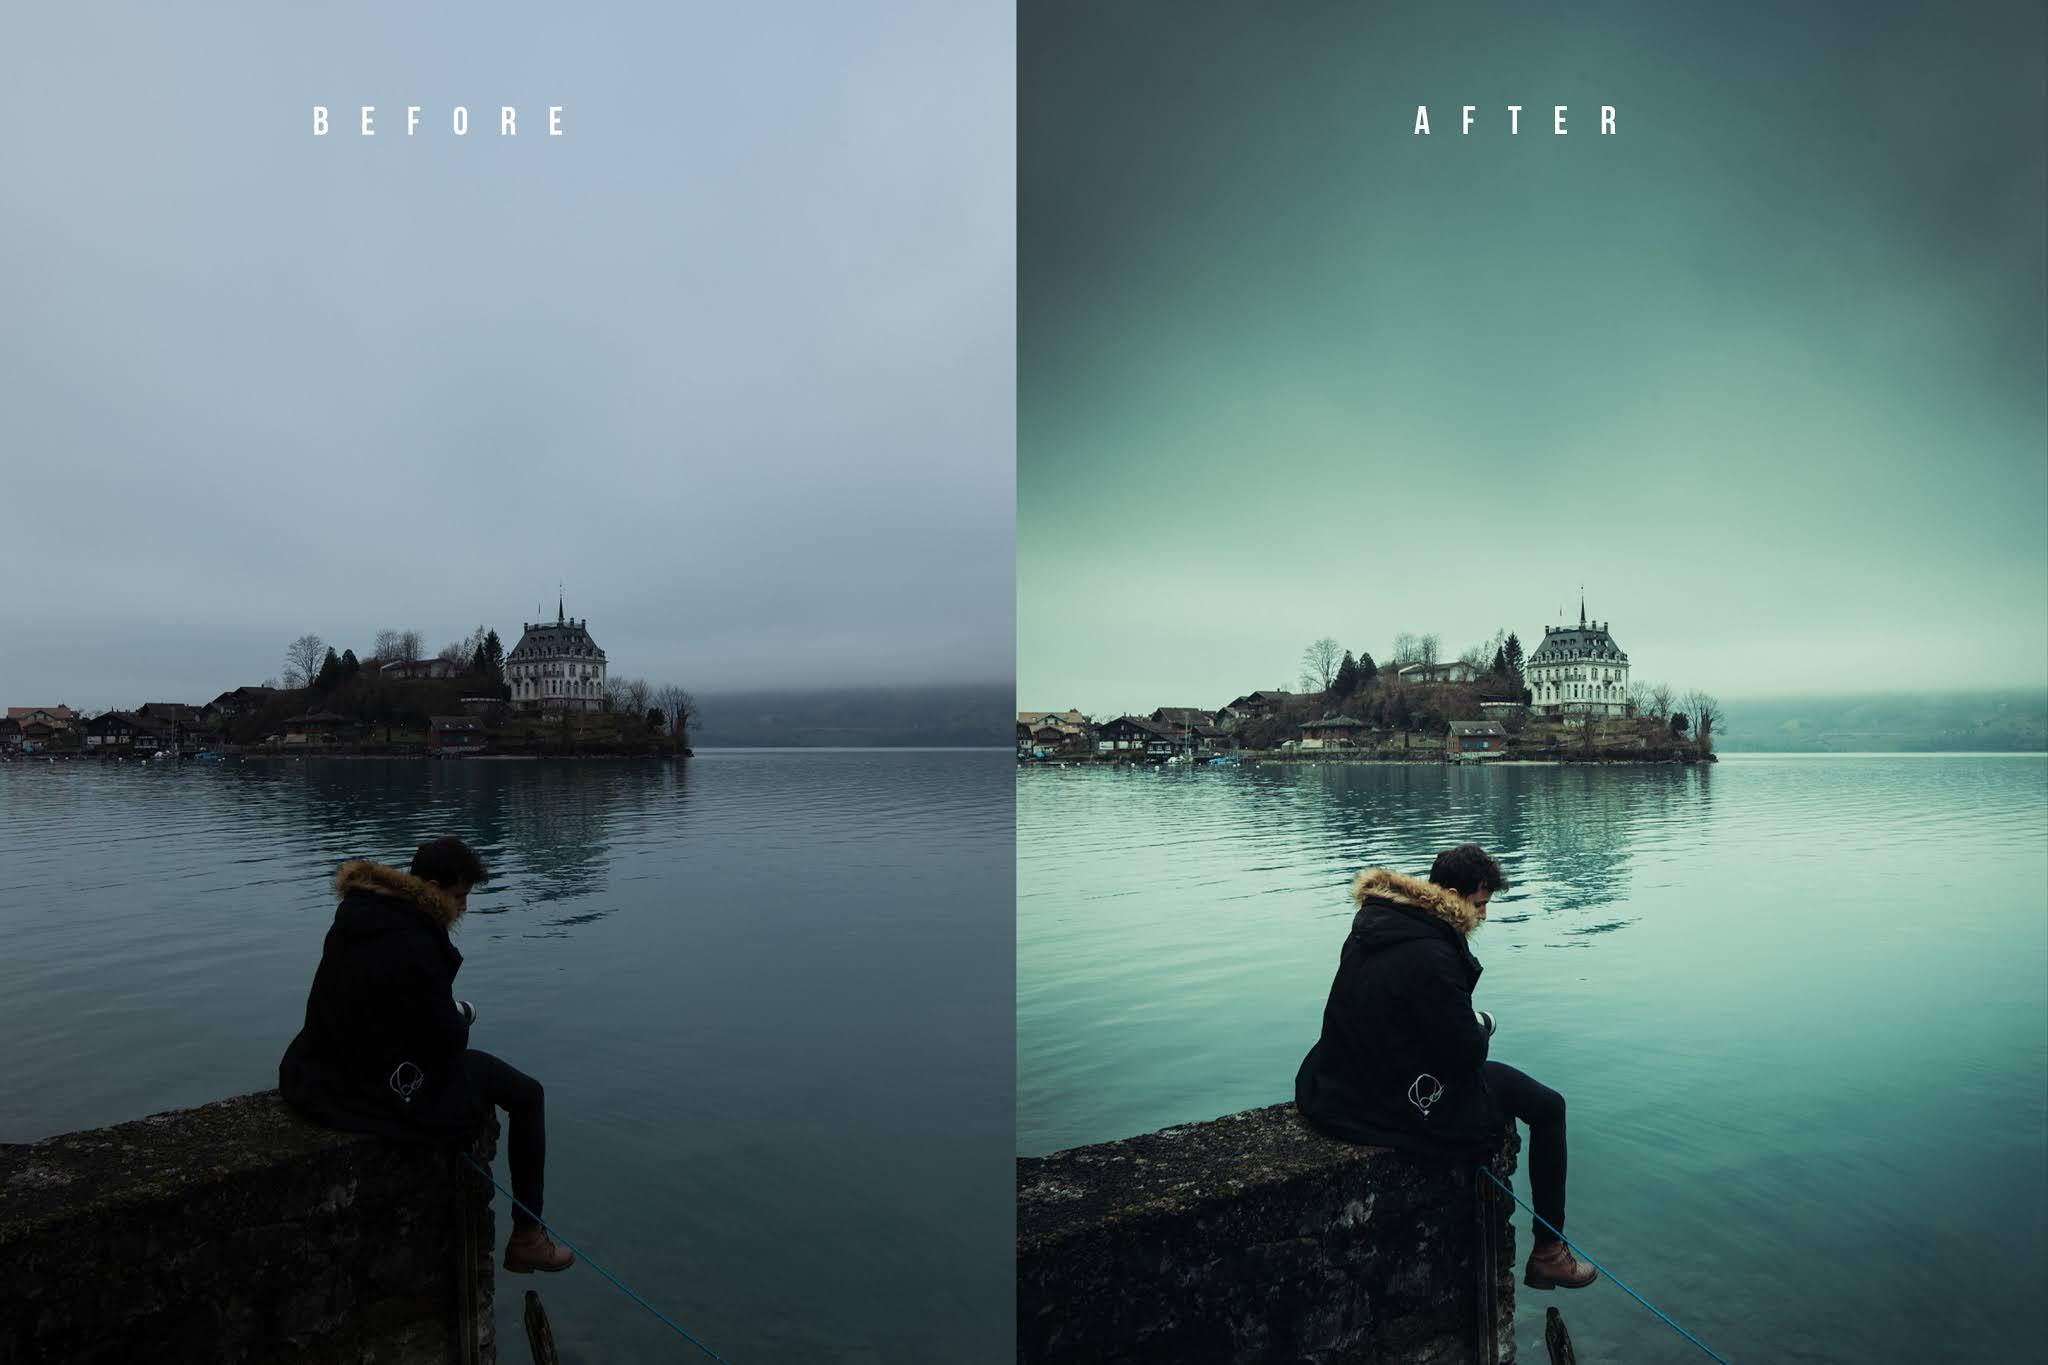 Presets Với Tone Màu Đẹp Lý Tưởng Cho Mọi Mùa – Switzerland Inspired Preset Pack (DNG, XMP) - Ngcloudy.com